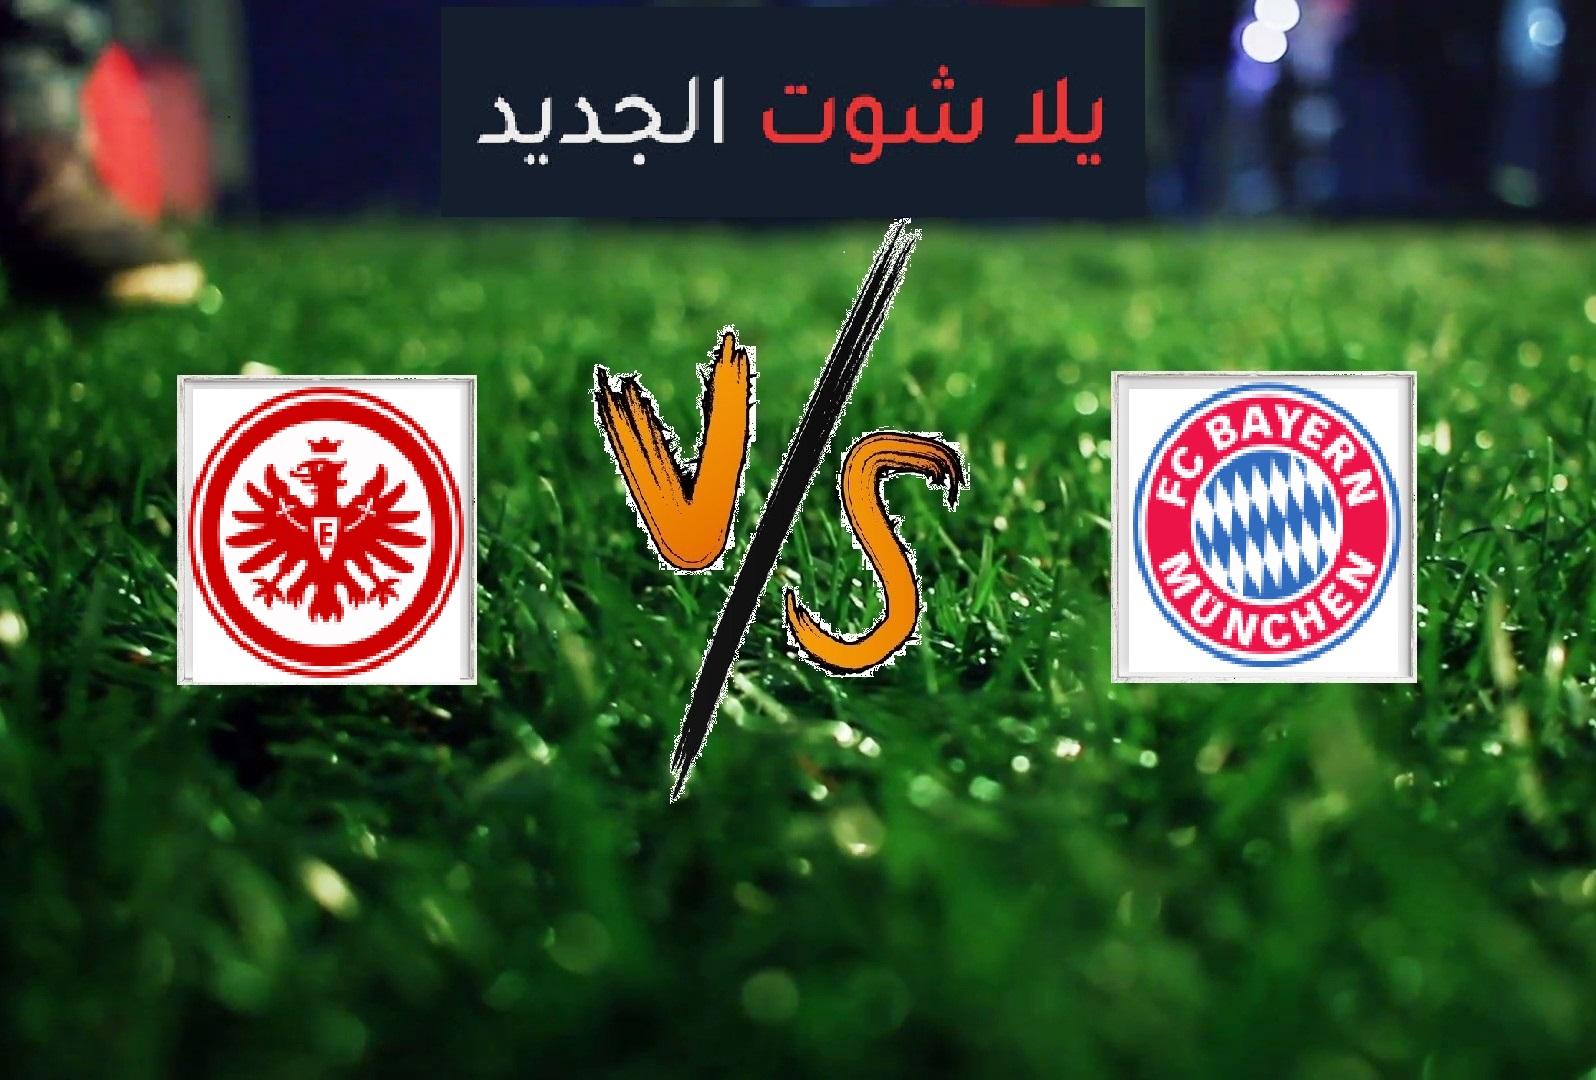 موعد مباراة بايرن ميونخ وفرانكفورت يوم الاحد 24-5-2020 والقنوات الناقلة في الدوري الالماني